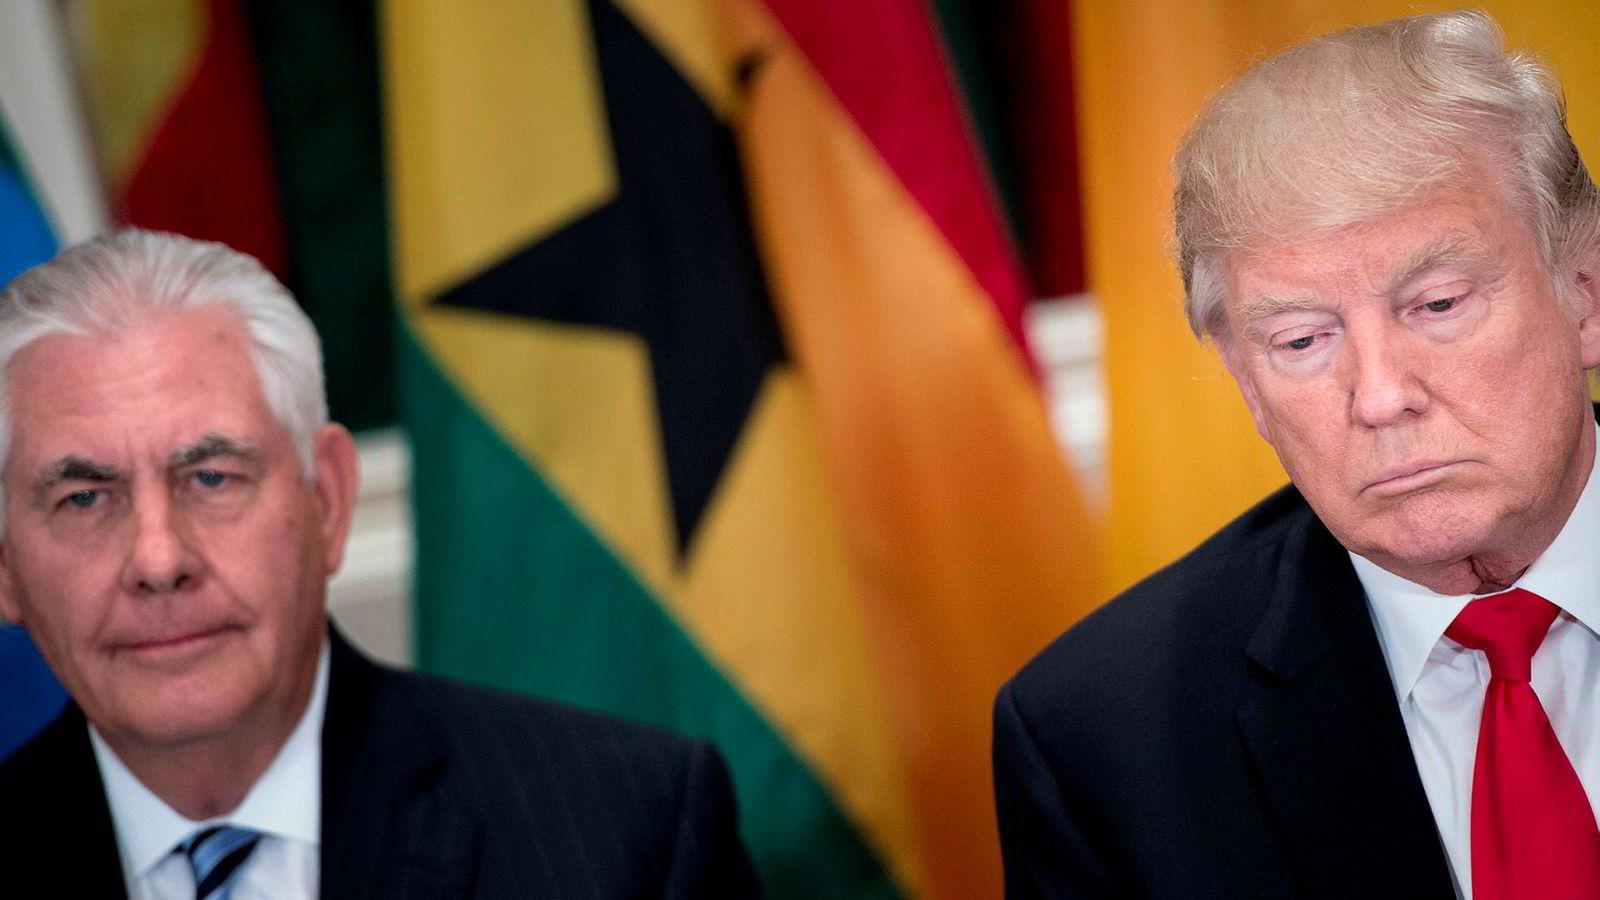 President Donald Trump (til høyre) vil ta en intelligenstest for å finne ut om han er smartere enn utenriksminister Rex Tillerson.